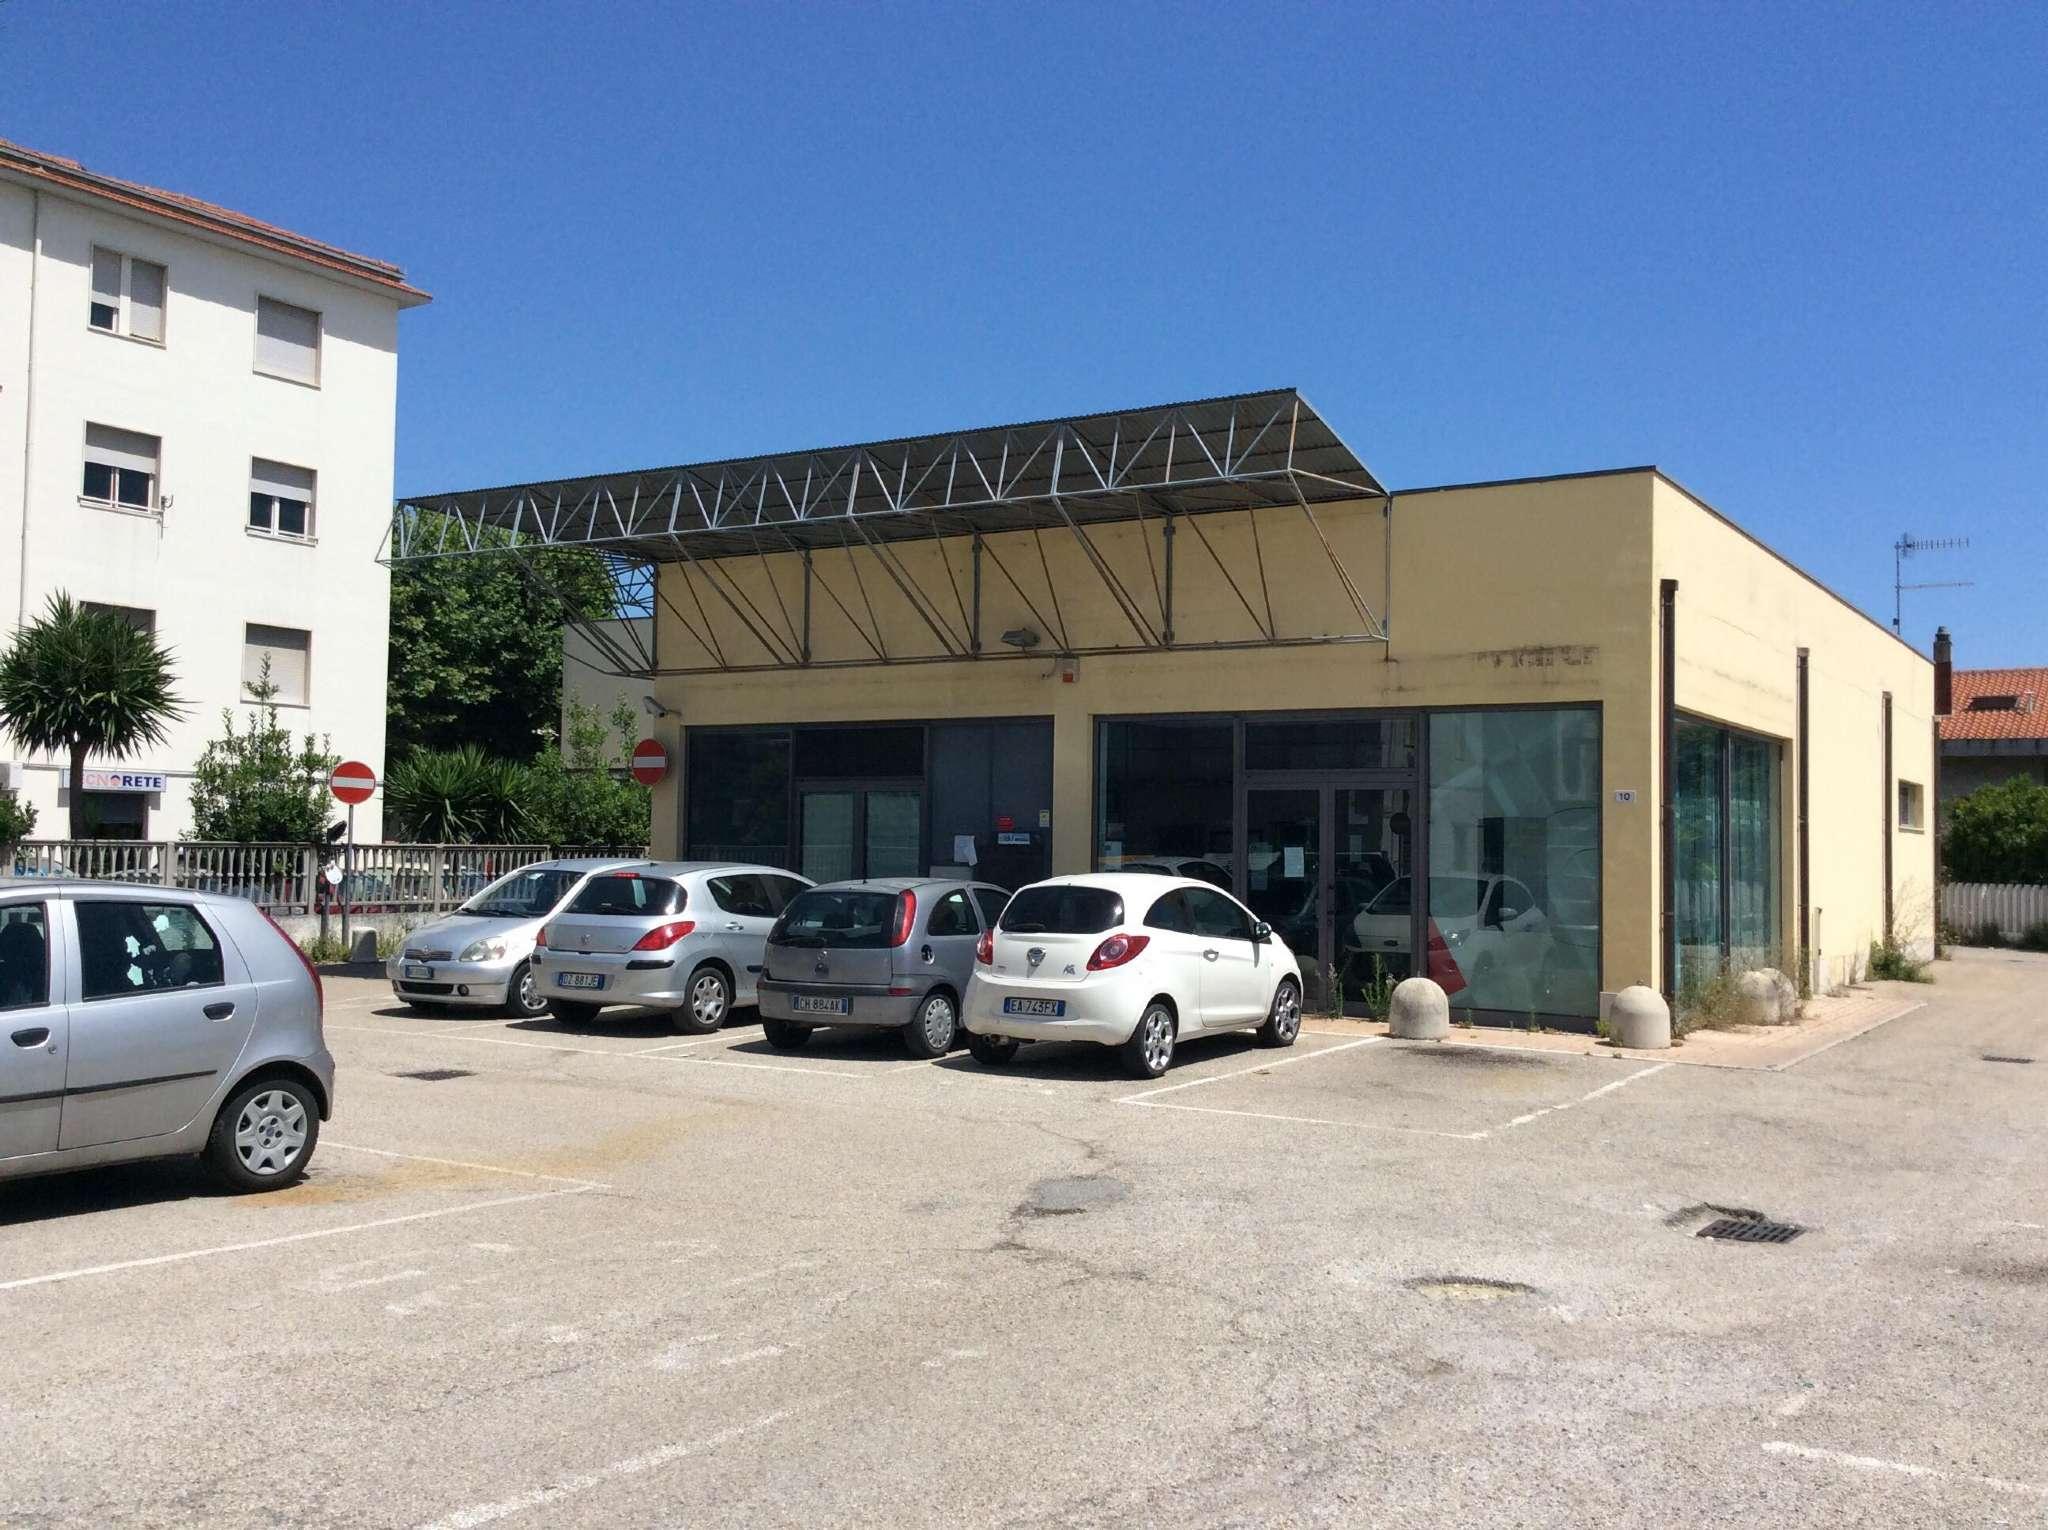 locale commerciale centro di Montesilvano , mq 300 circa . ex filiale banca Rif. 6935694